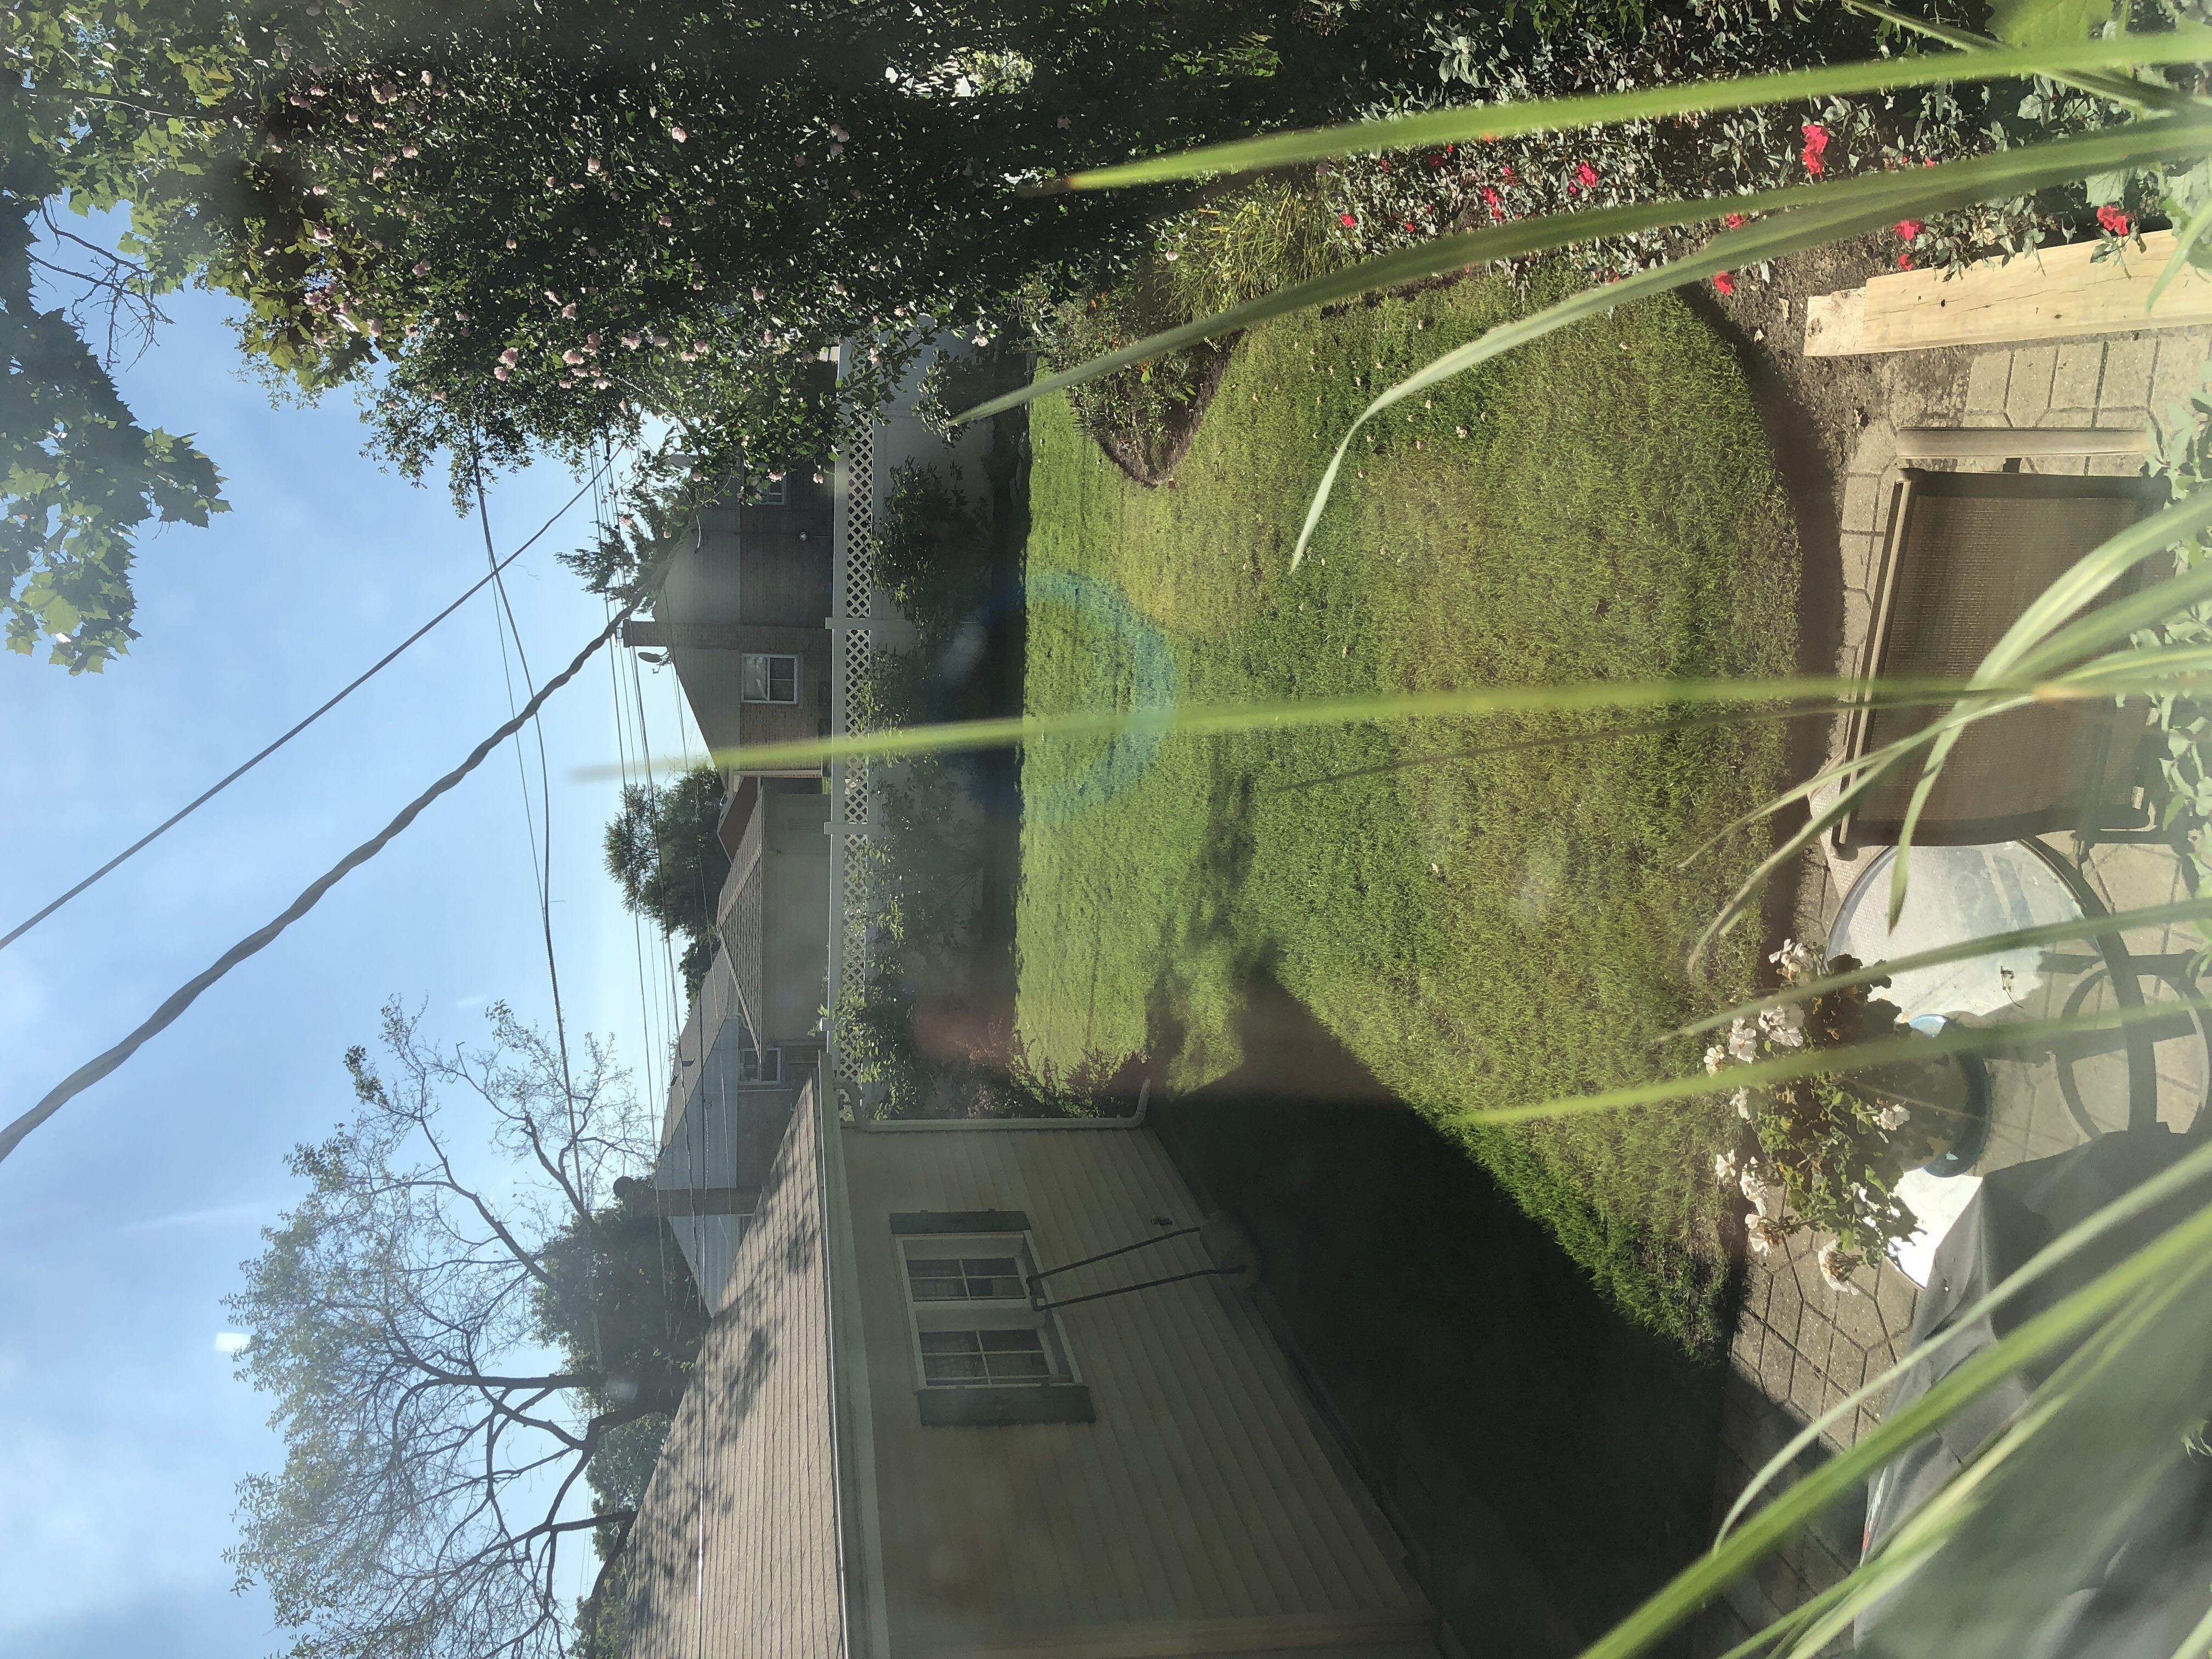 Lawn Mowing Contractor in Morton Grove, IL, 60053-2382